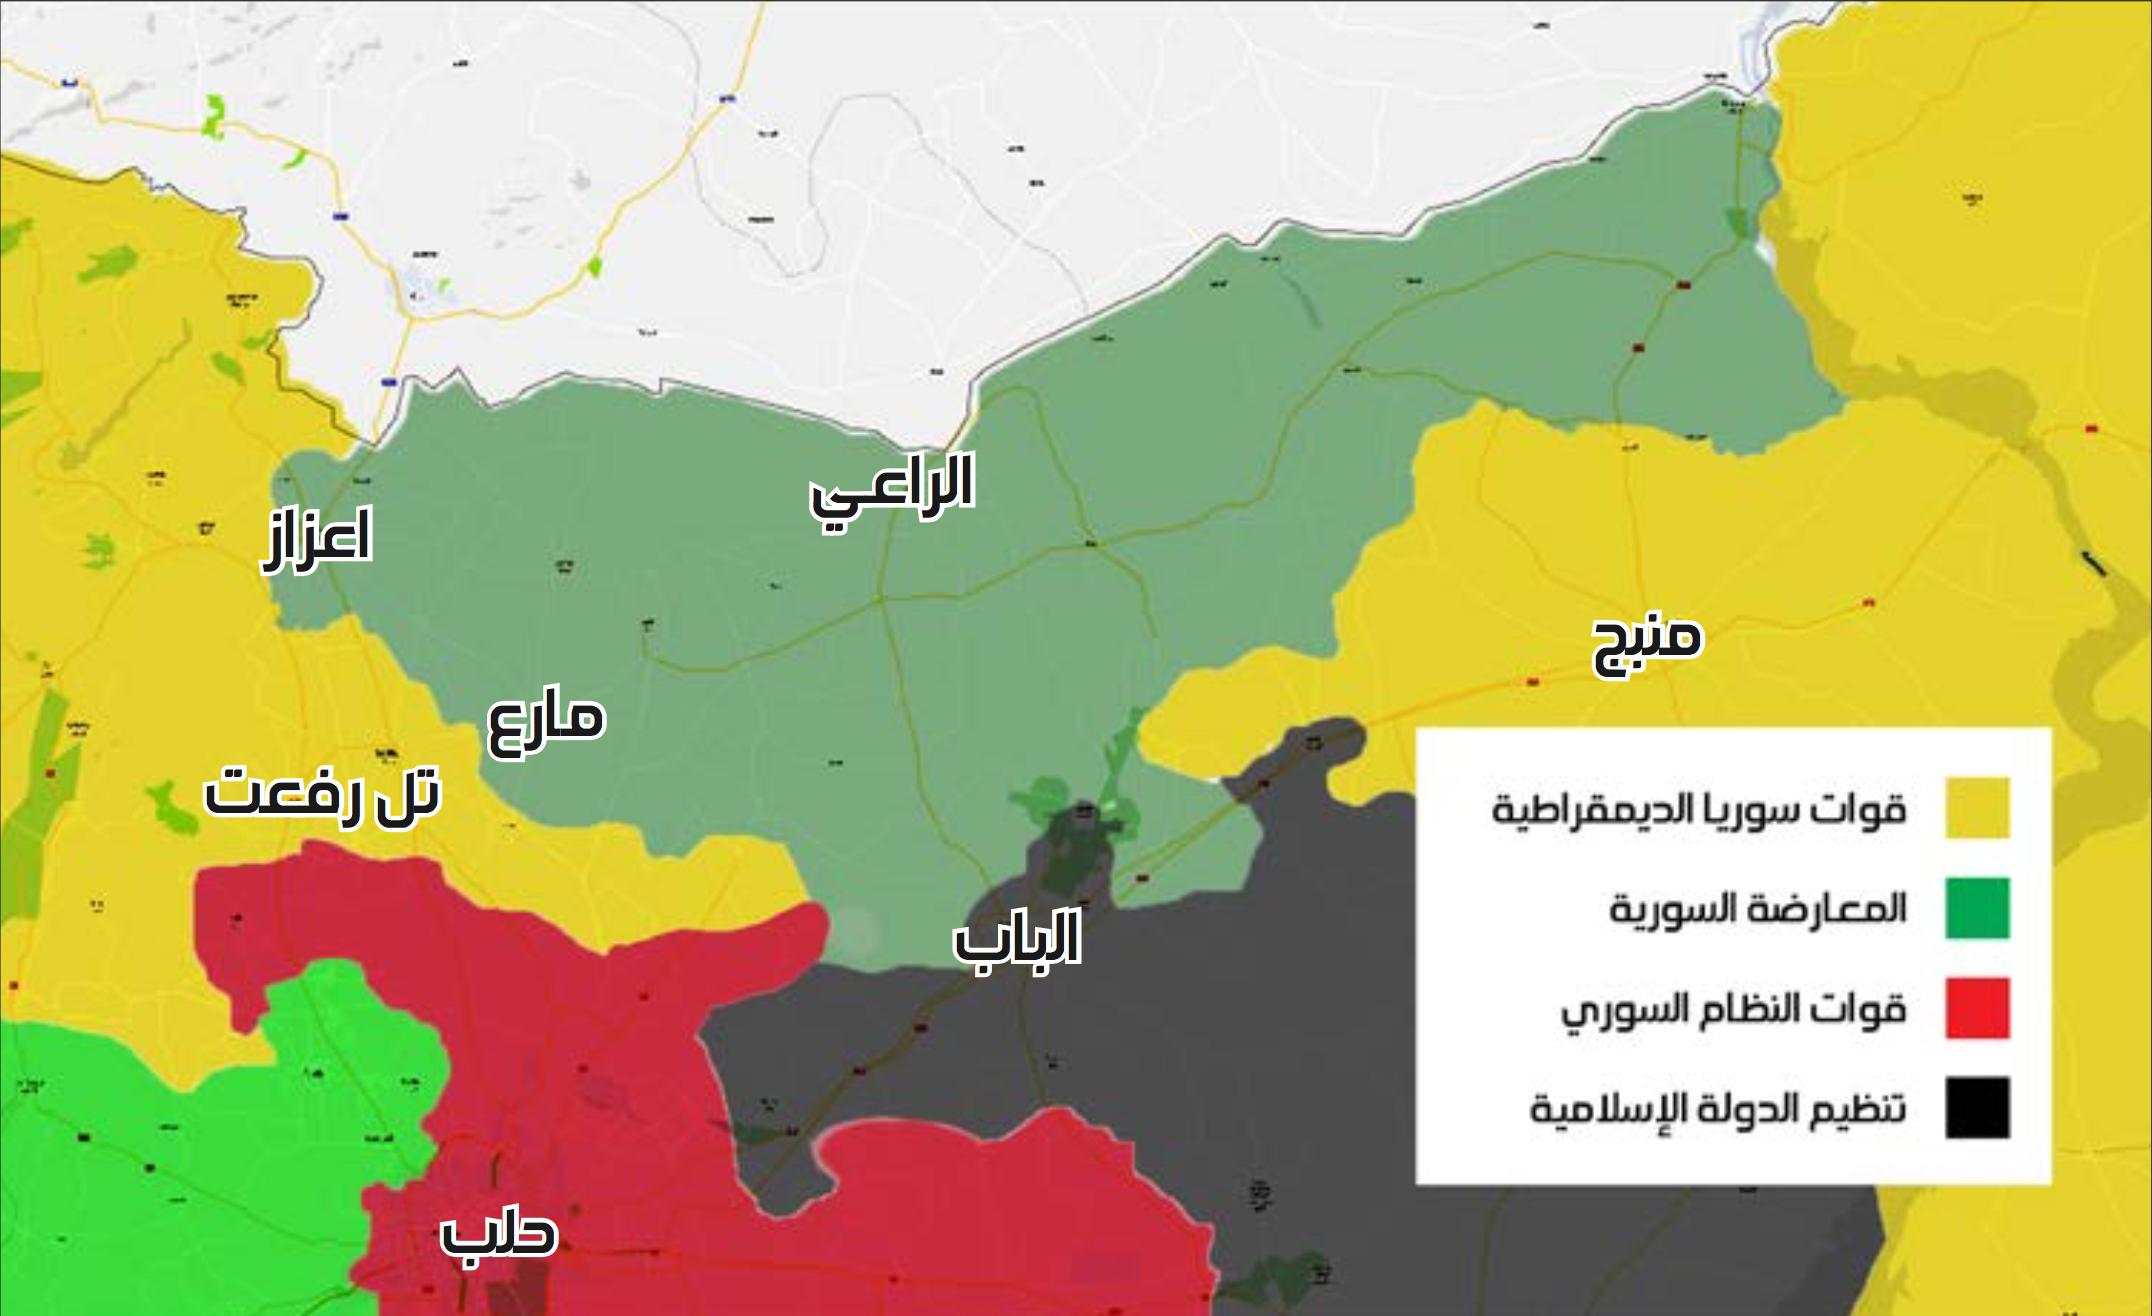 خريطة تظهر توزع السيطرة في ريف حلب الشمالي والشرقي - 21 كانون الثاني 2017 (عنب بلدي)